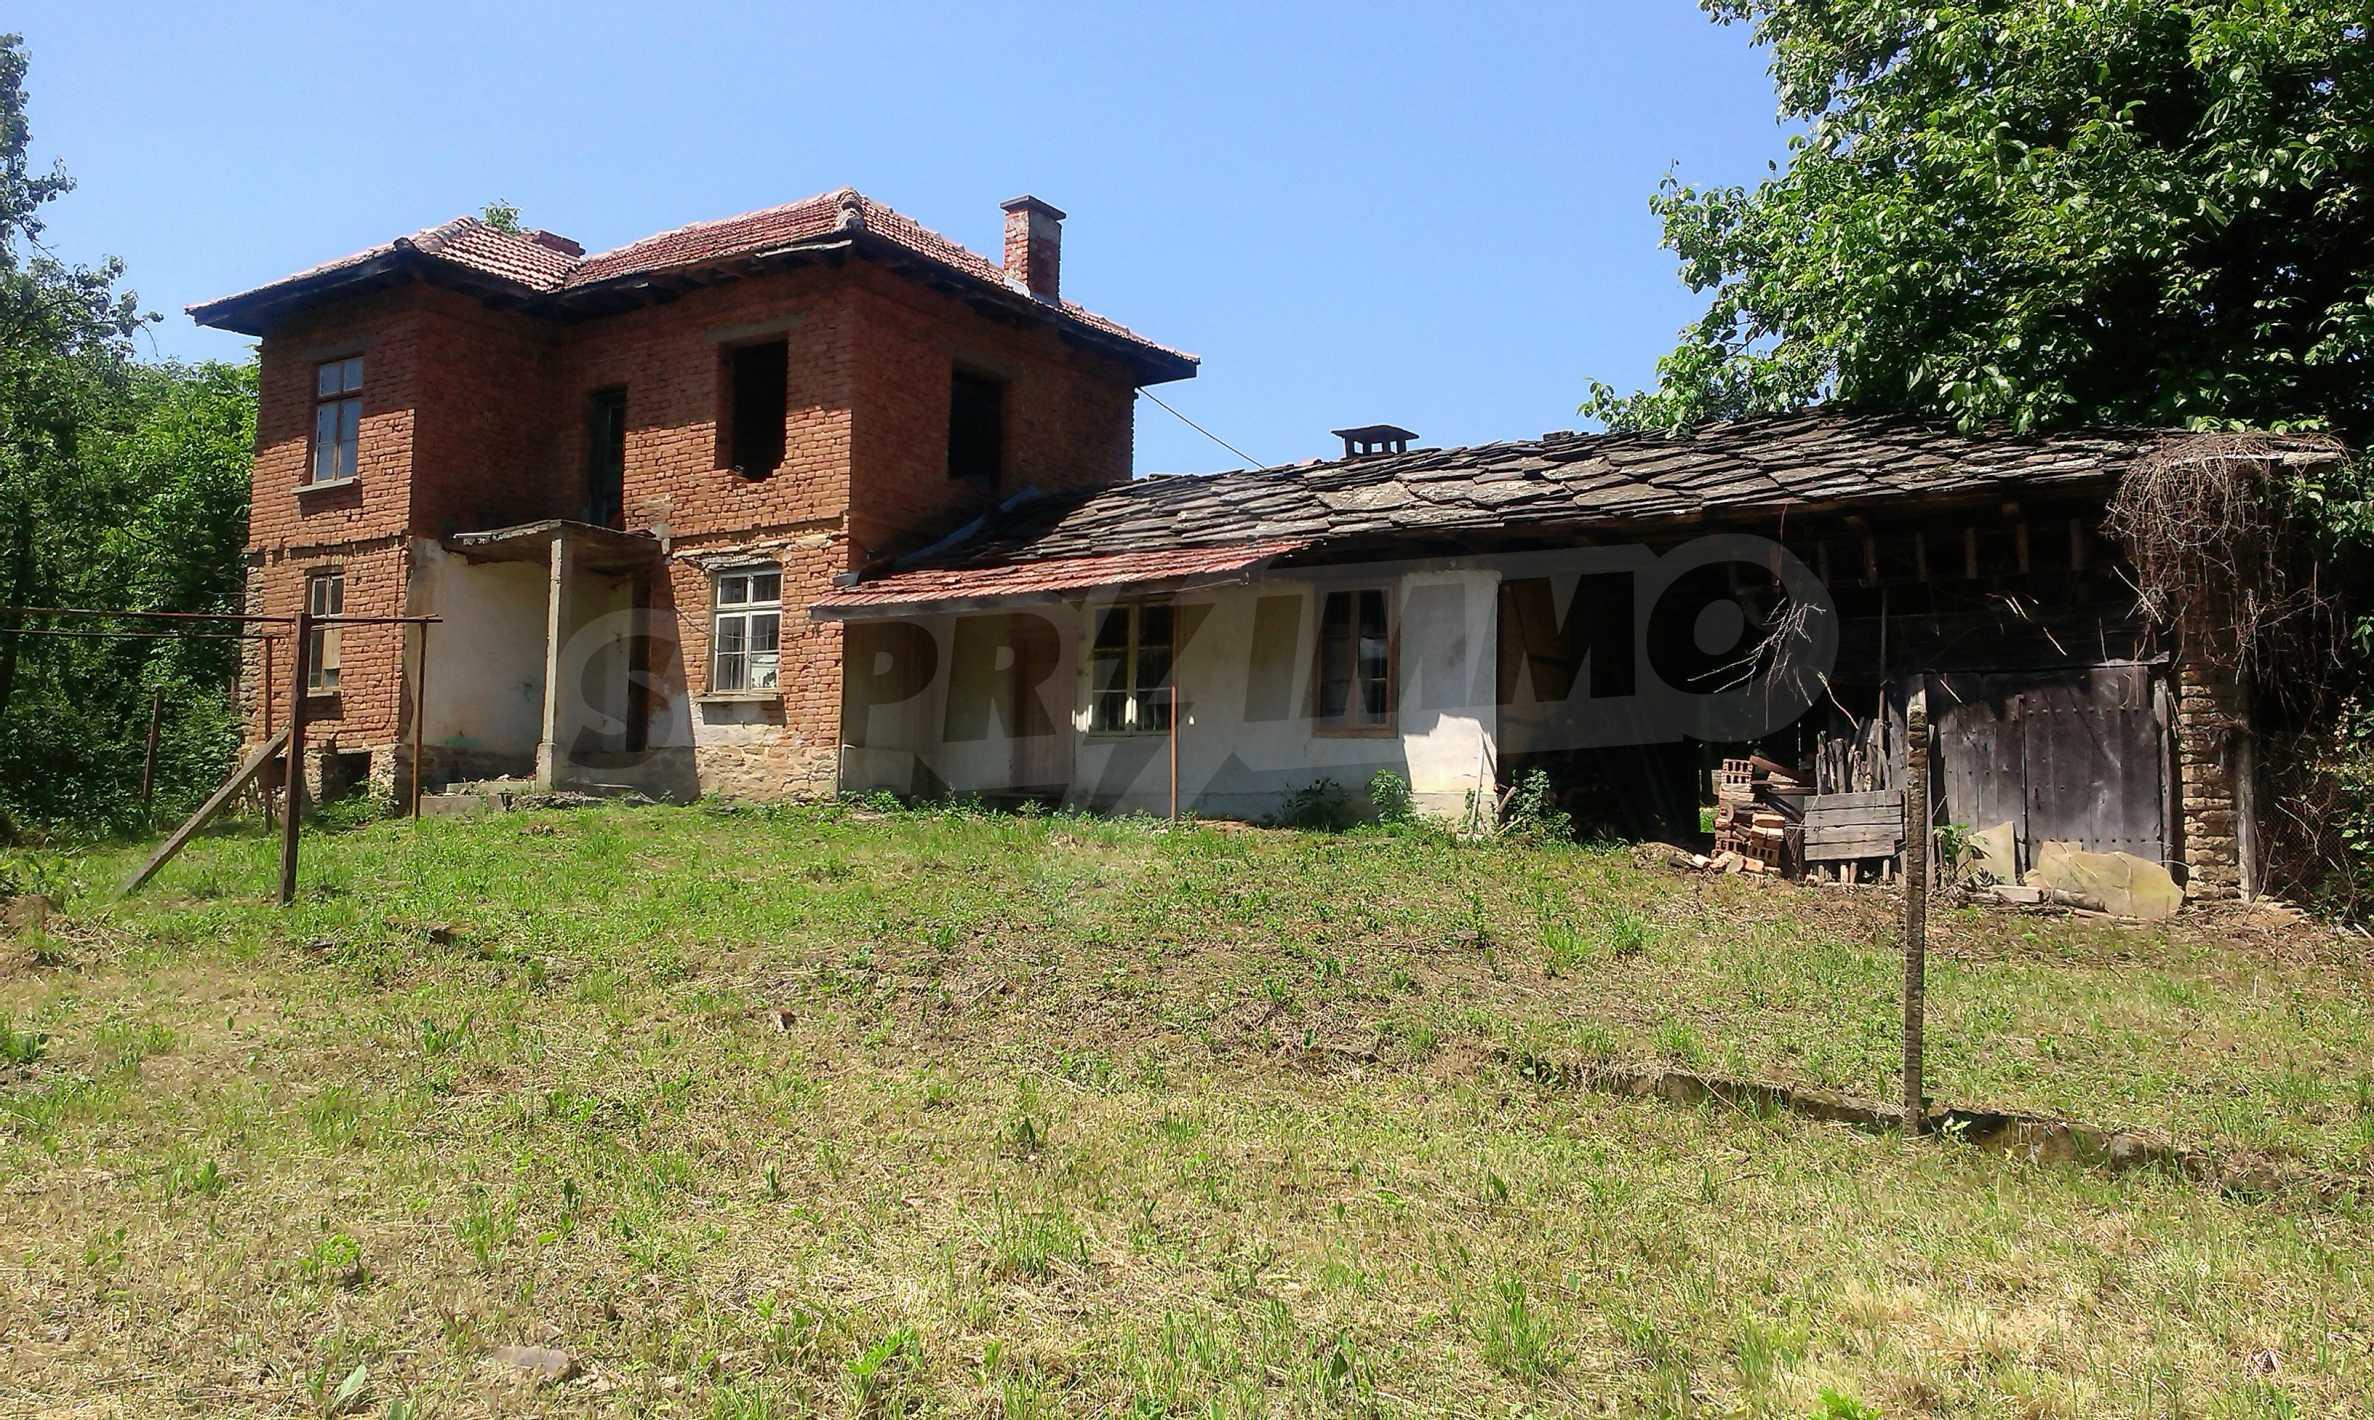 Двуетажна тухлена къща на 40 км от Велико Търново  41